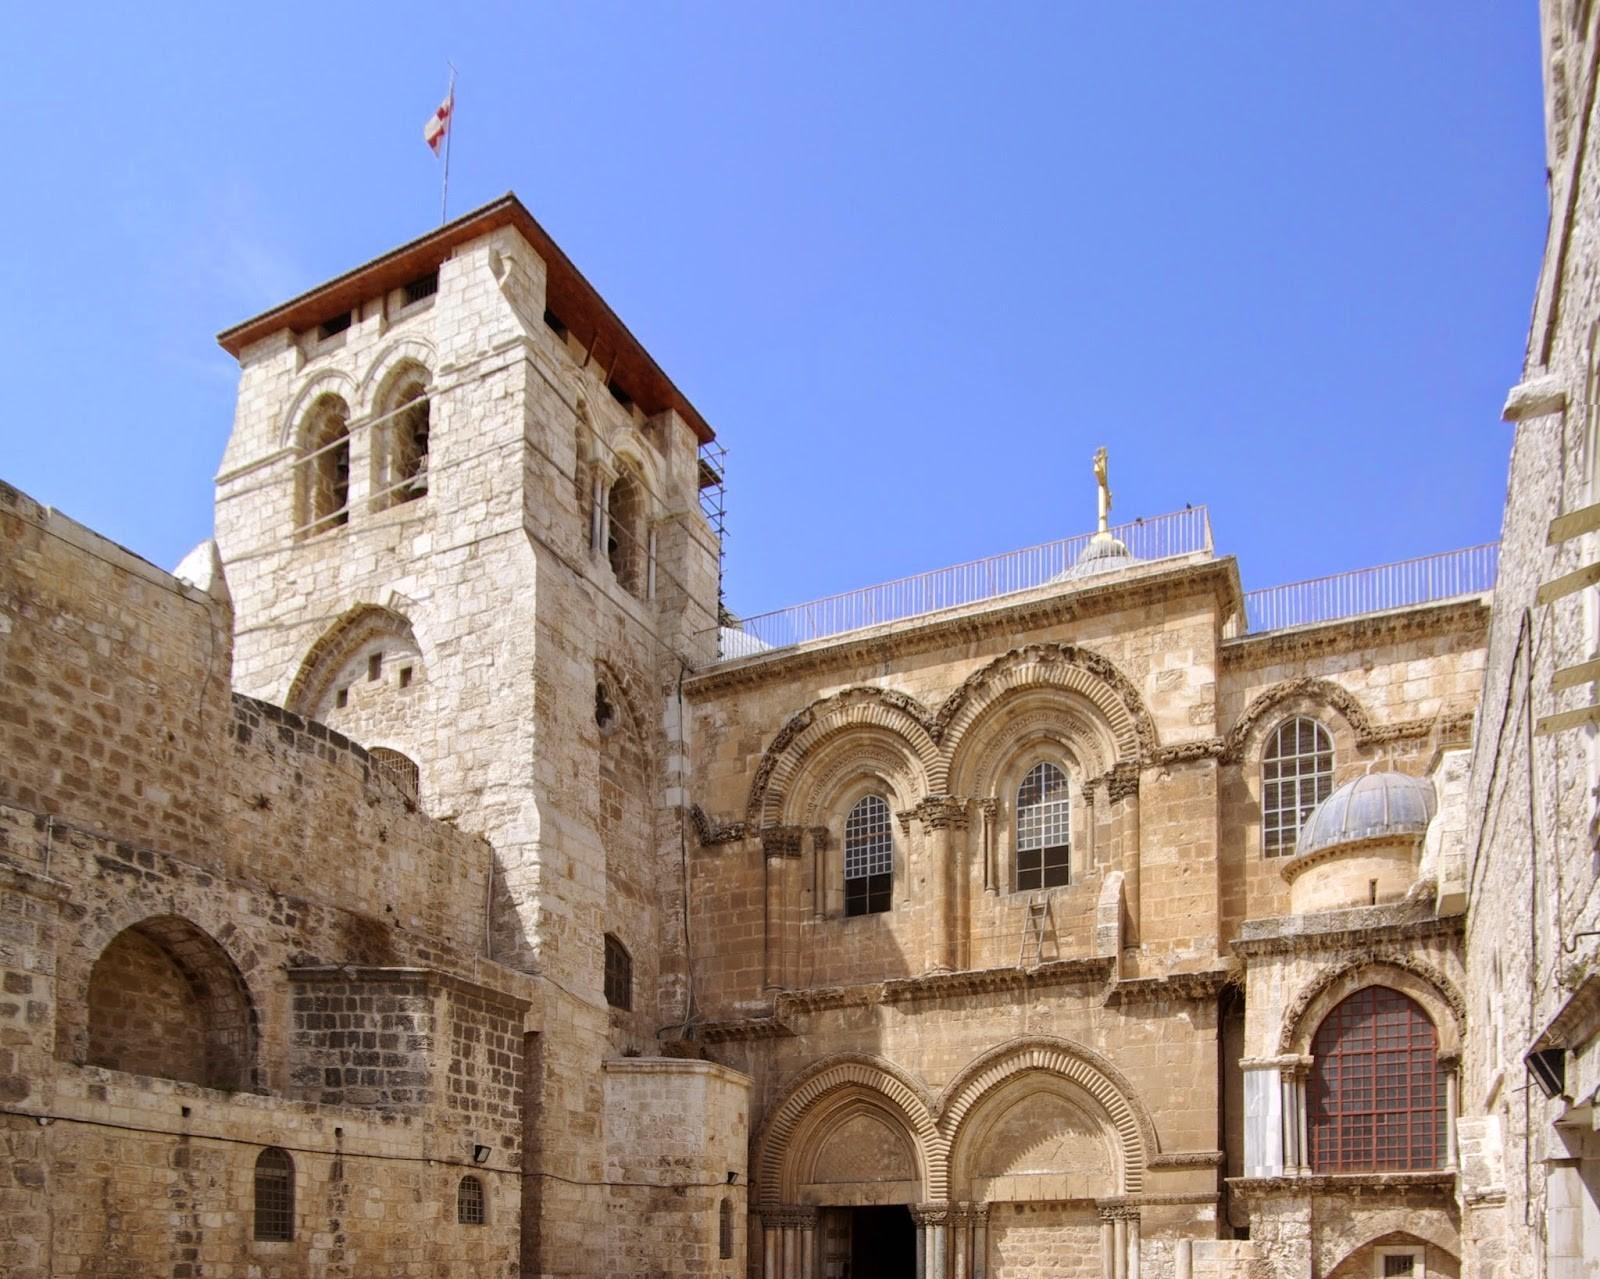 Las tumbas más famosas y visitadas del mundo Santo-sepulcro